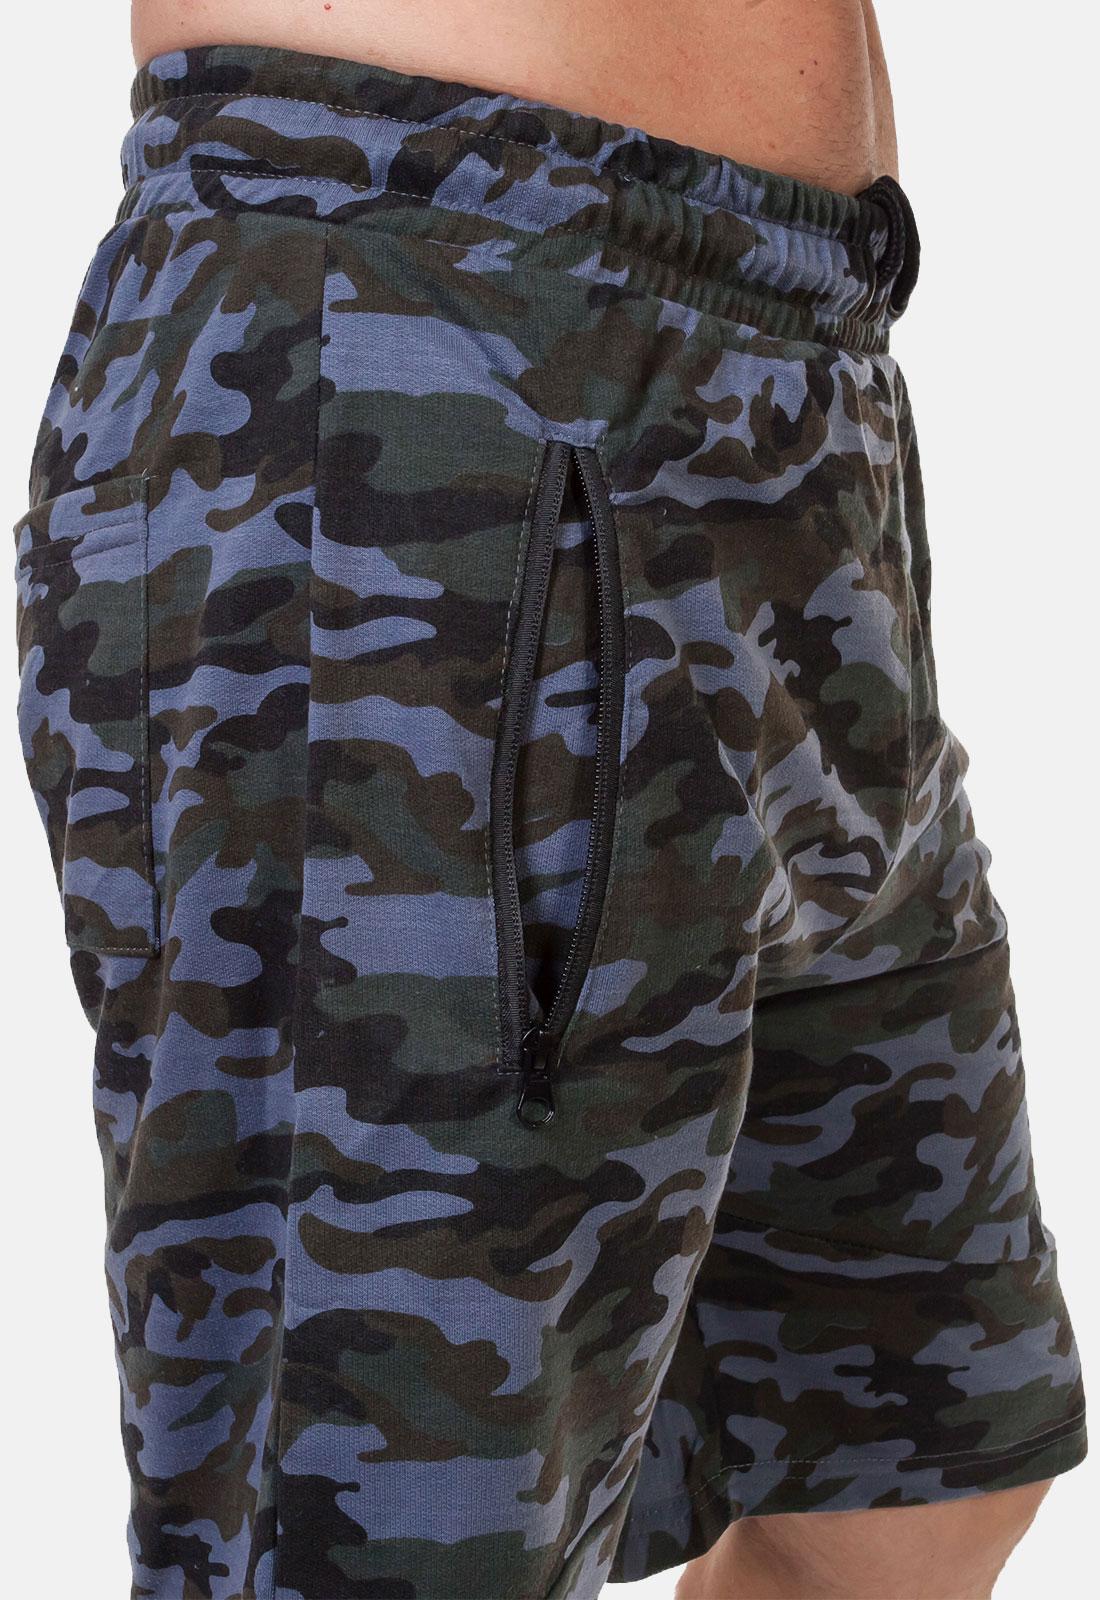 Камуфляжные мужские шорты с нашивкой ПОЛИЦИЯ - купить в Военпро